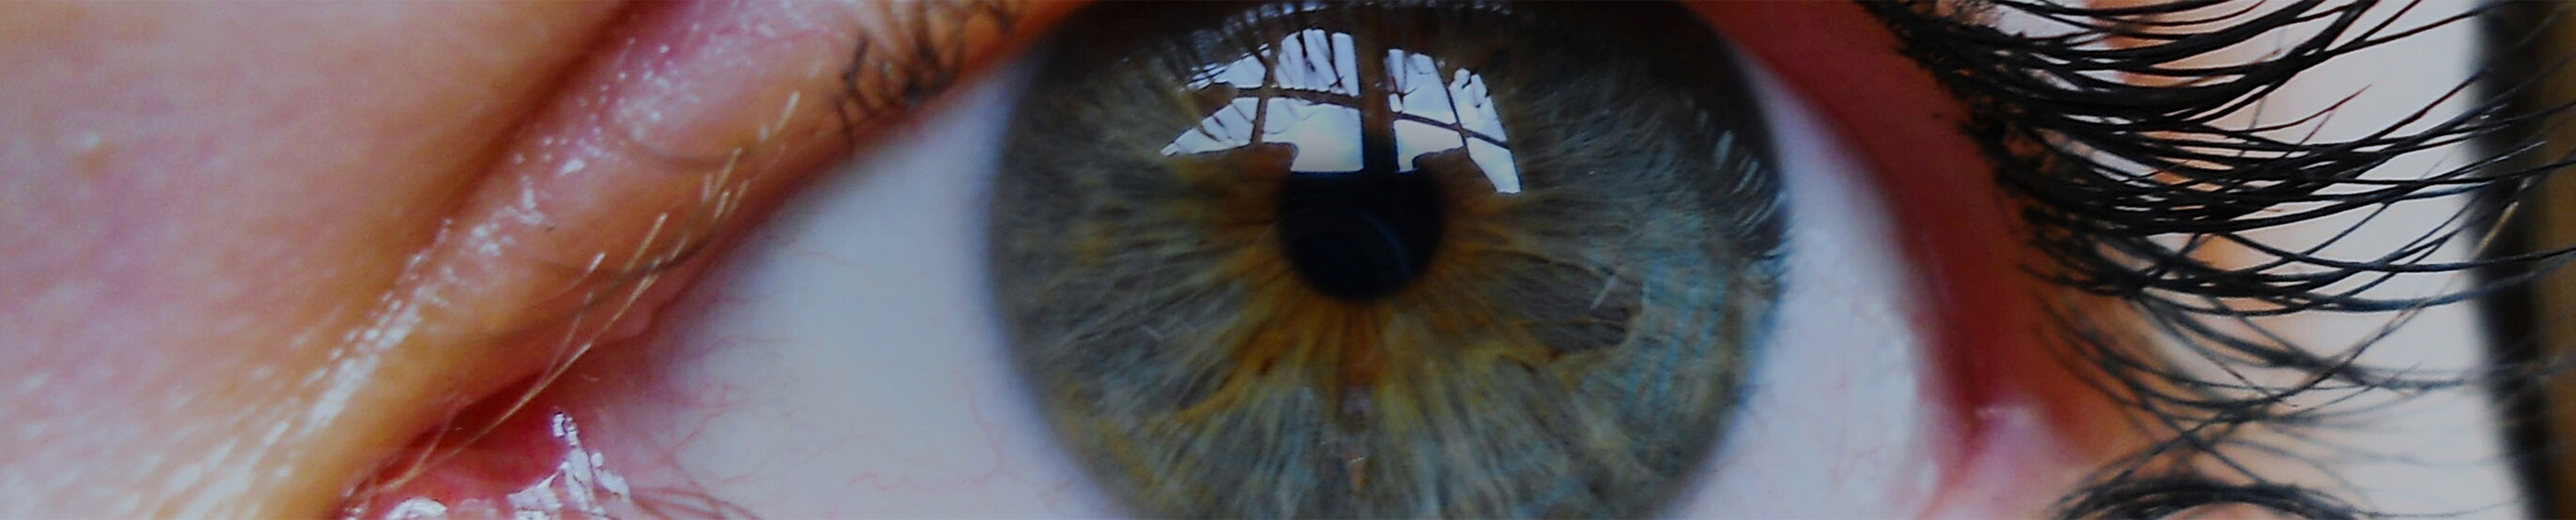 Imagine de aproape a ochilor albaștri ai unei femei